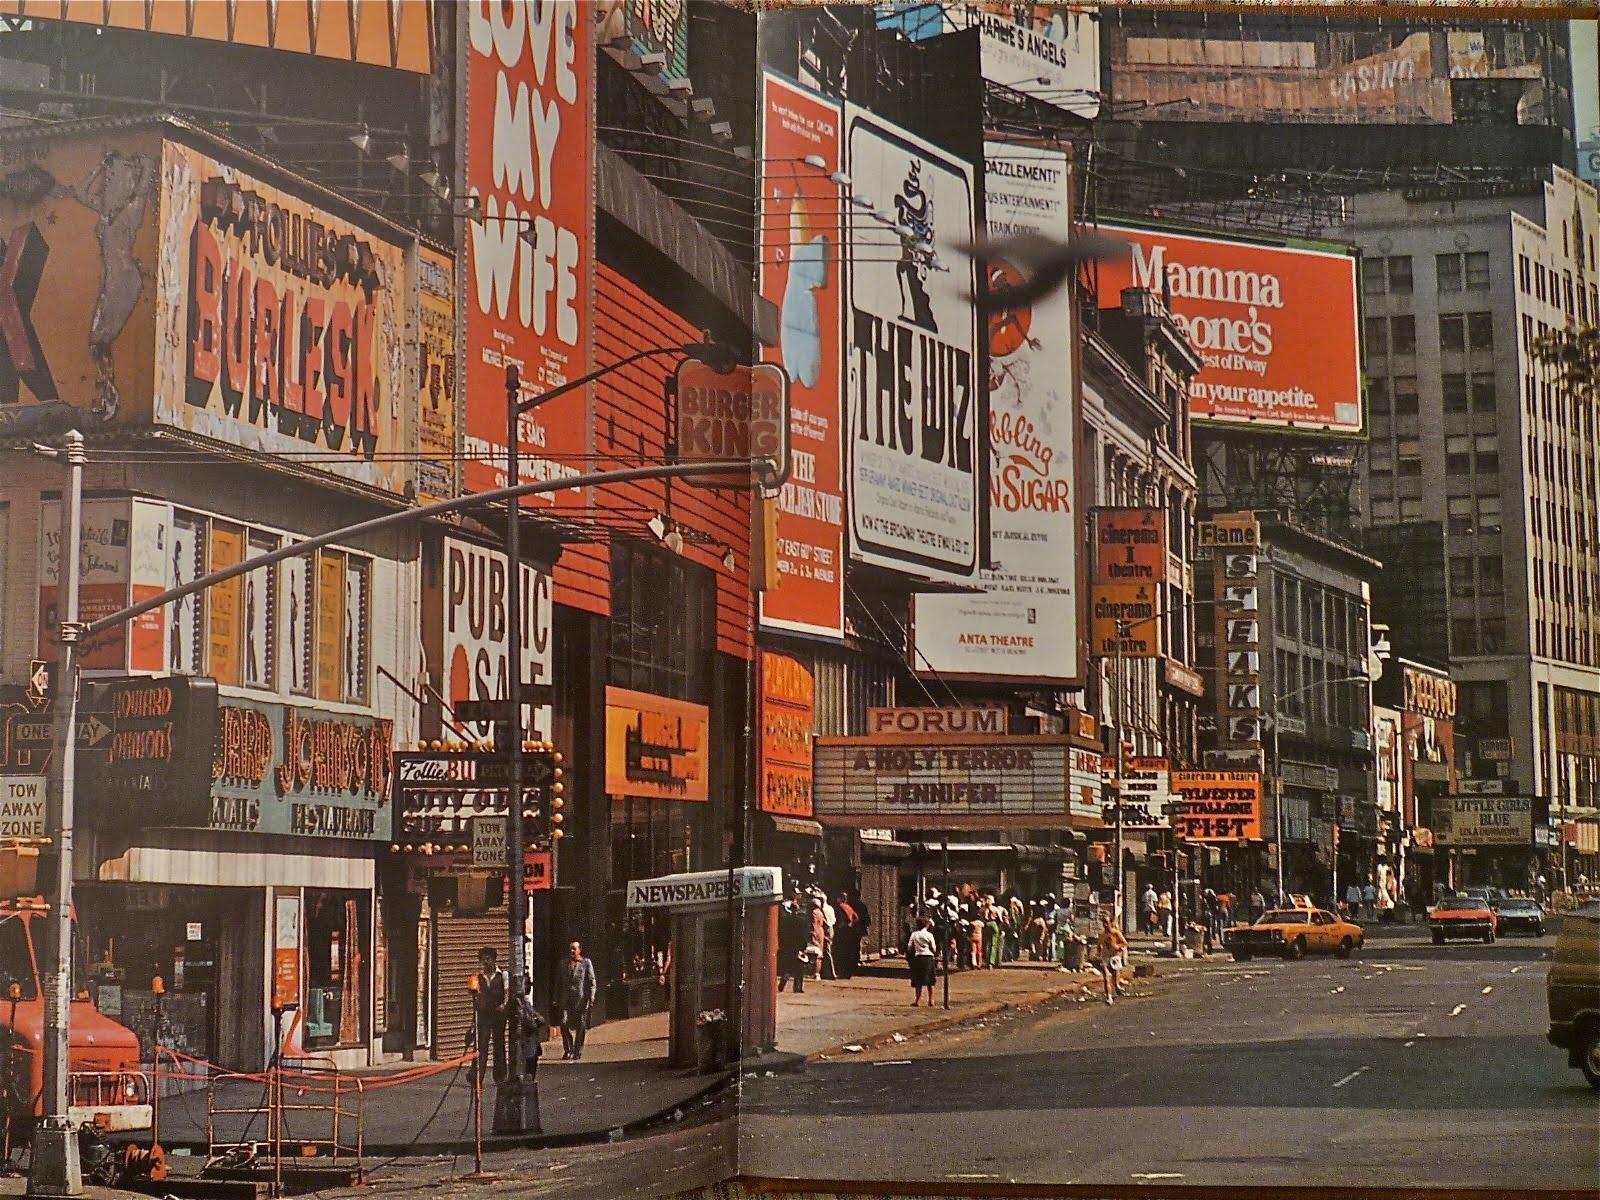 Η ιστορία της Times Square: Aπό πιάτσα για πόpνες, στο απόλυτο τουριστικό σημείο